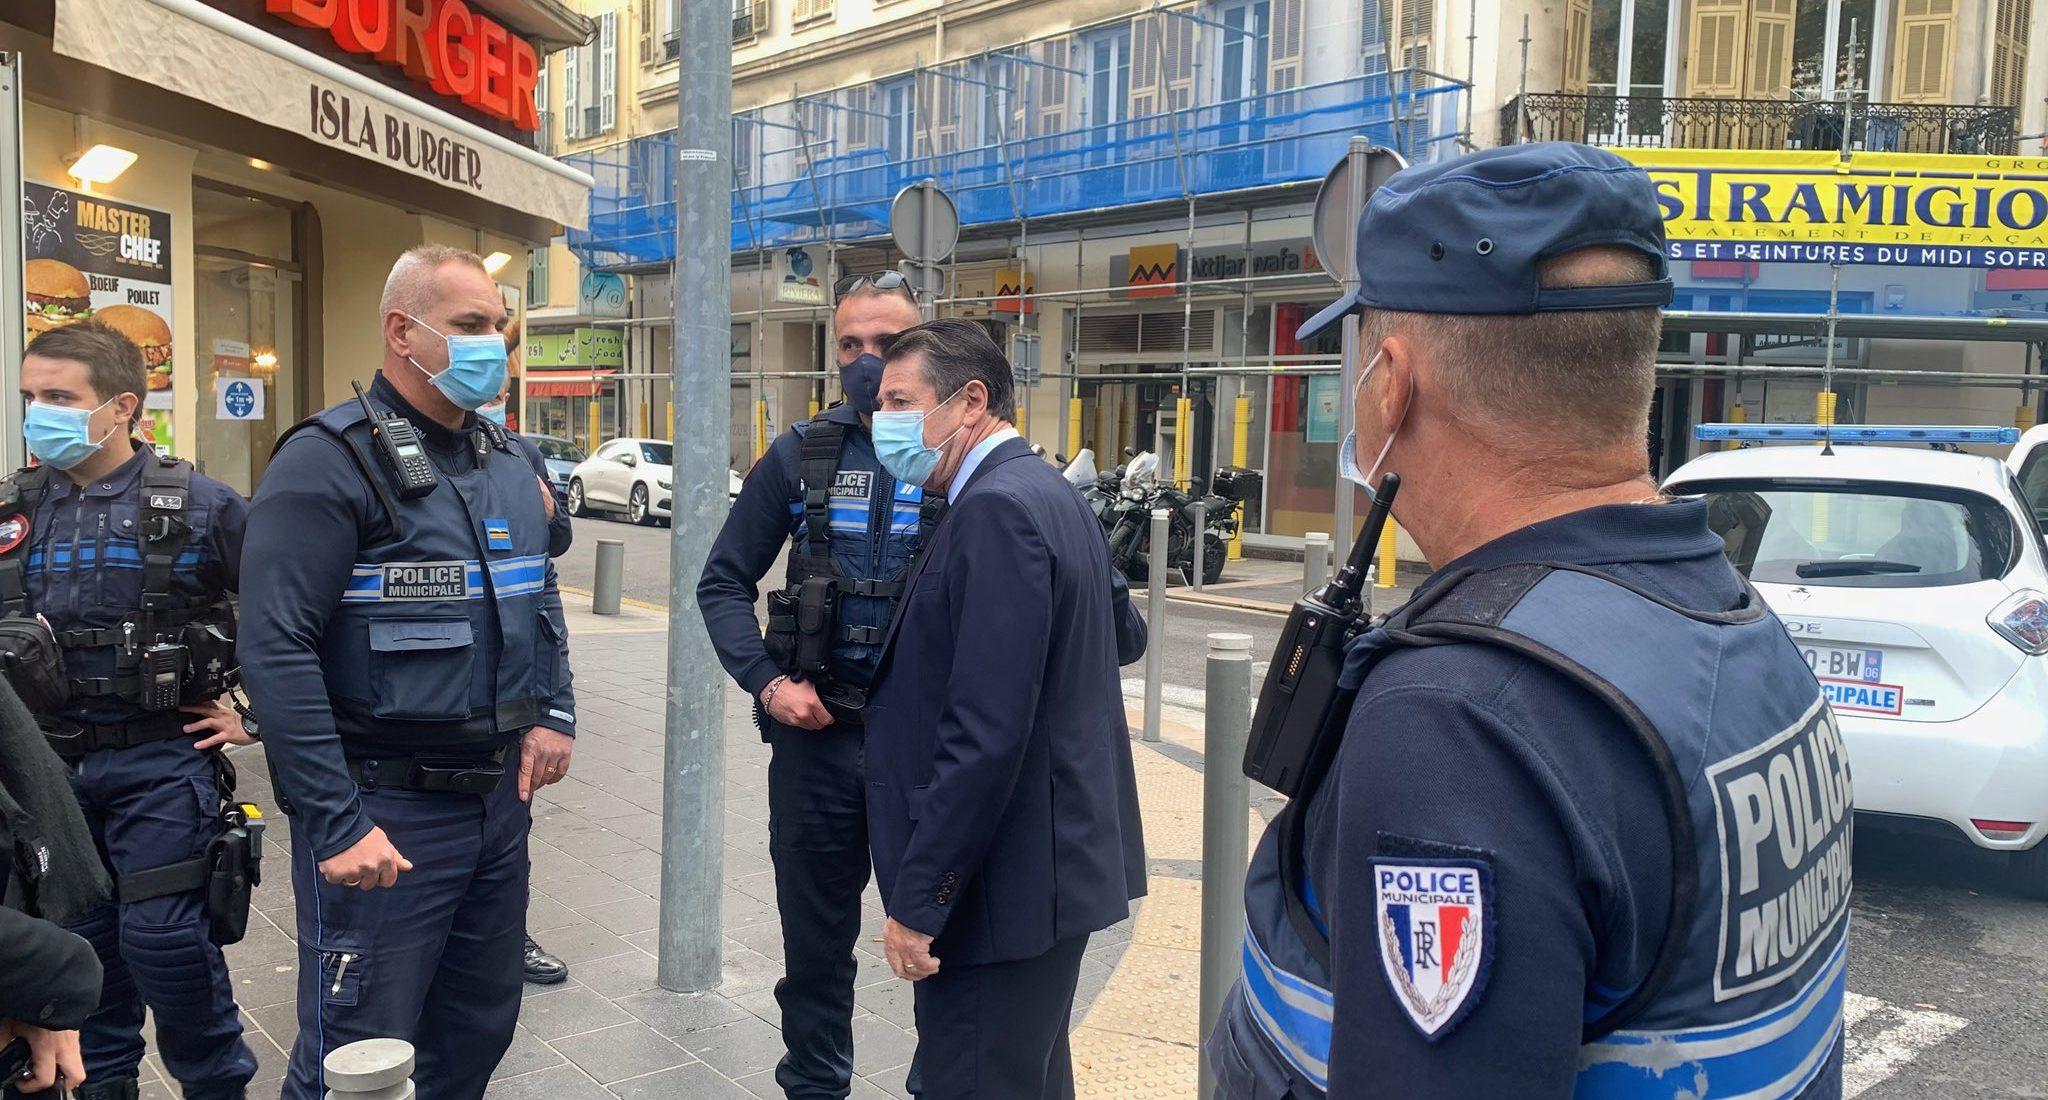 Prefeito de Nice, Christian Estrosi, e policiais no local onde ocorreu o ataque. Foto: Reprodução/Twitter/@Cestrosi